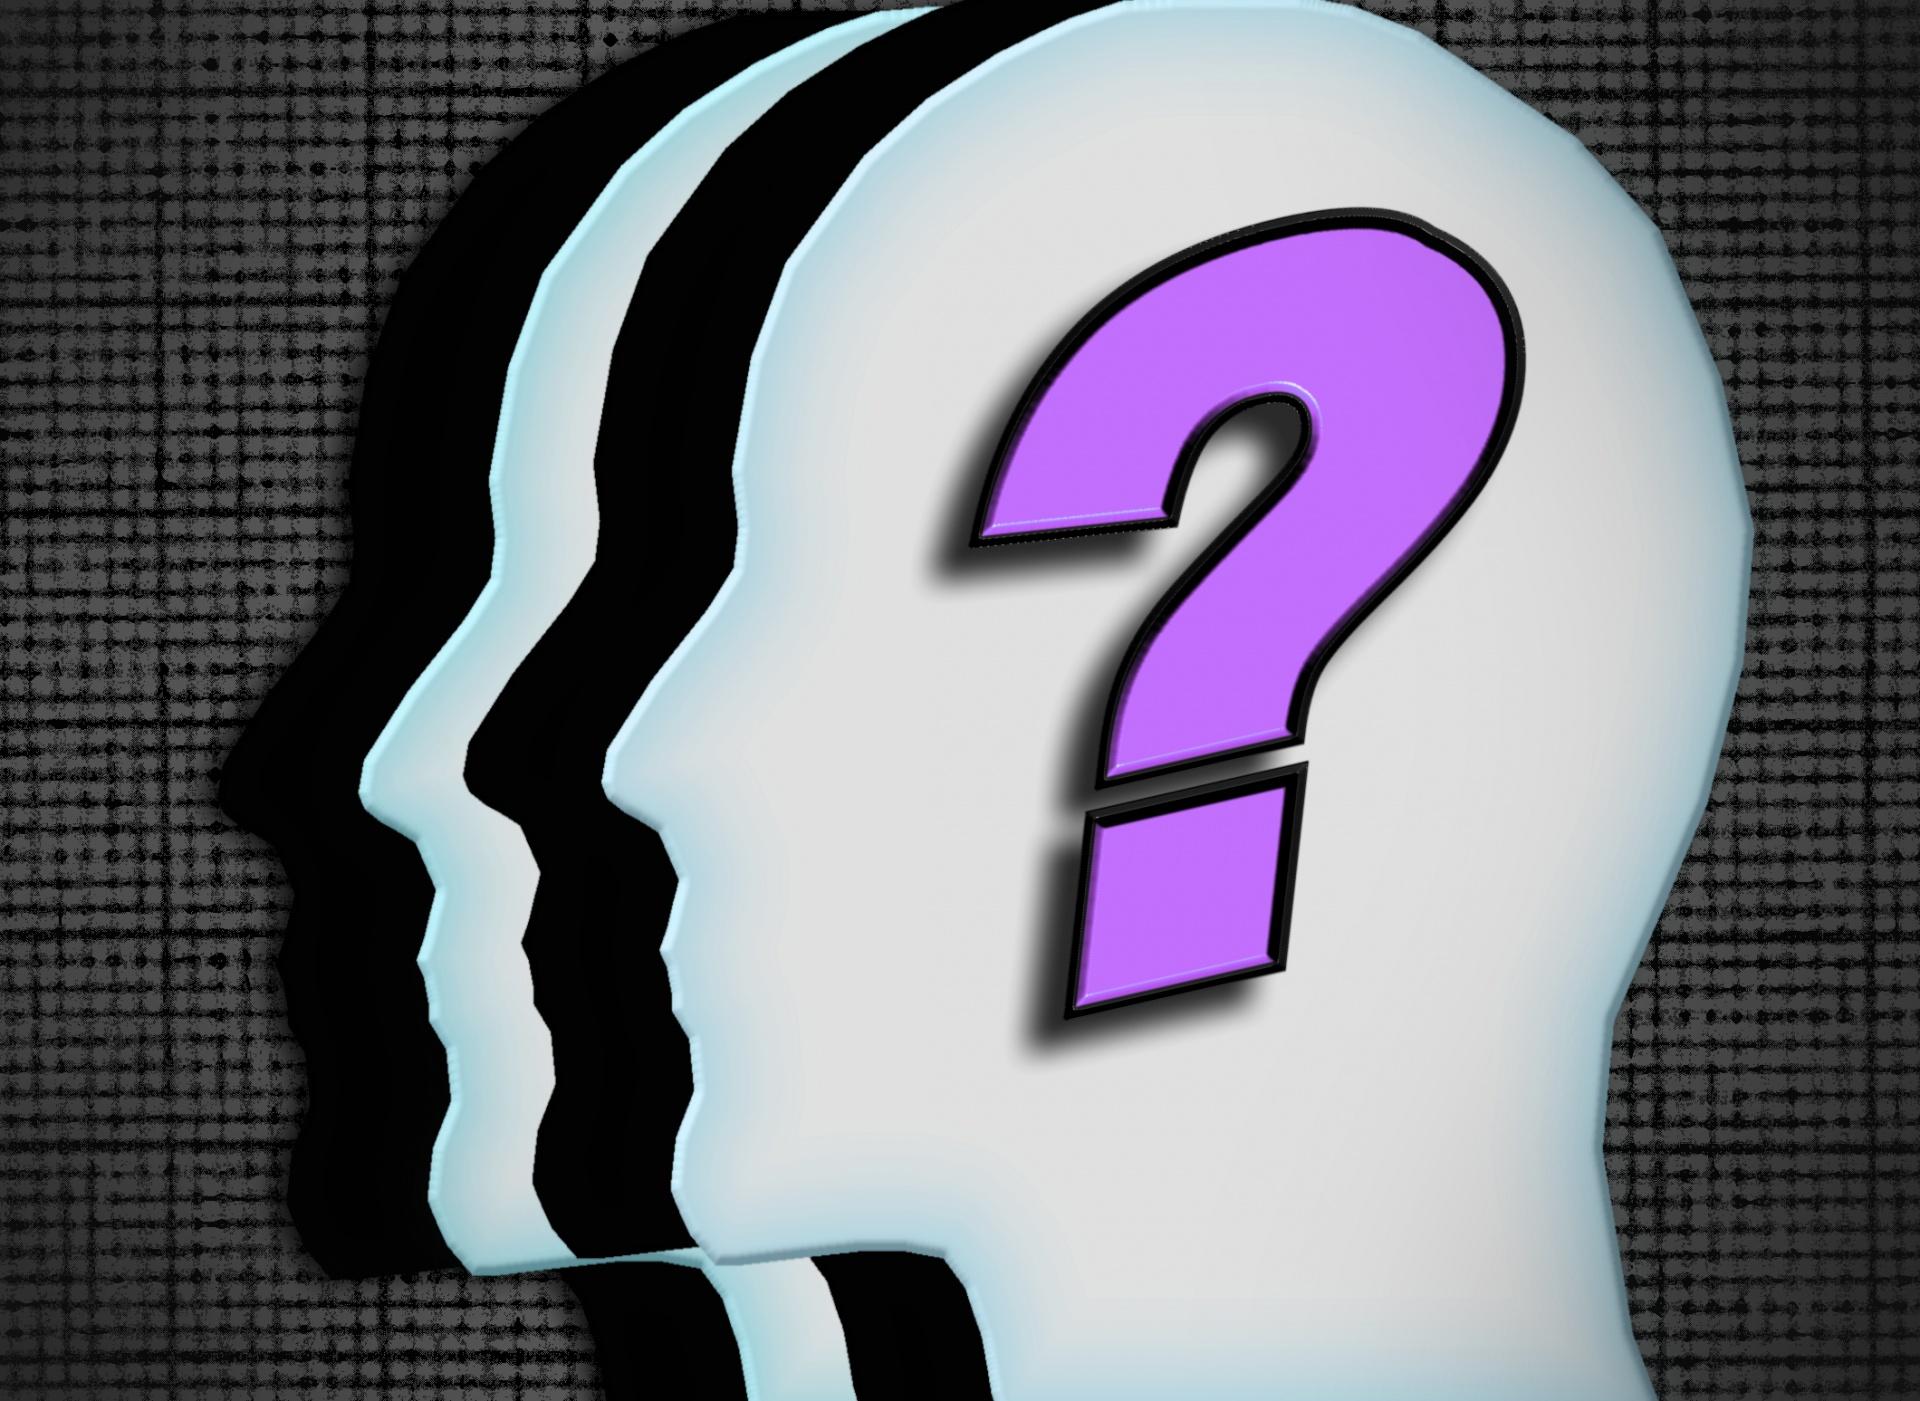 Wie oft wird Asexualität verwechselt? Studie gibt Auskunft.